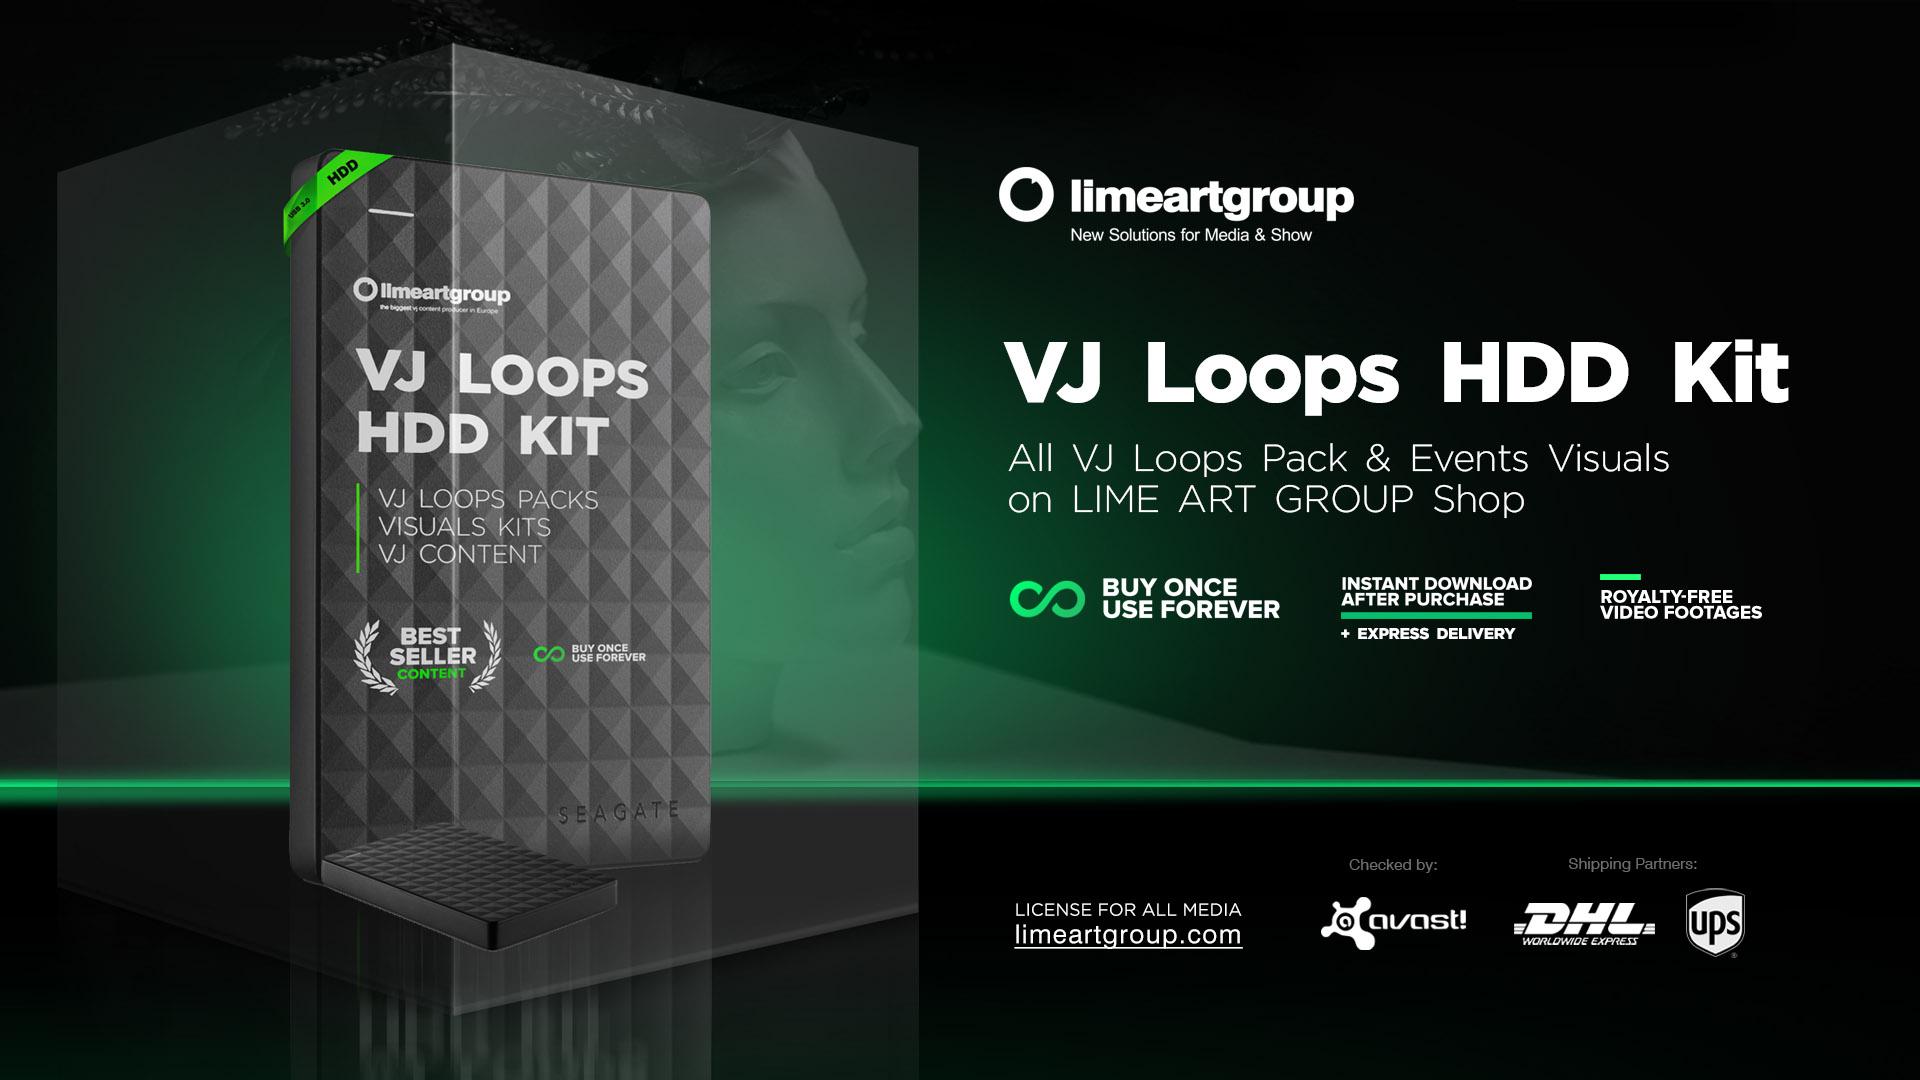 HDD-kit VJ Loops